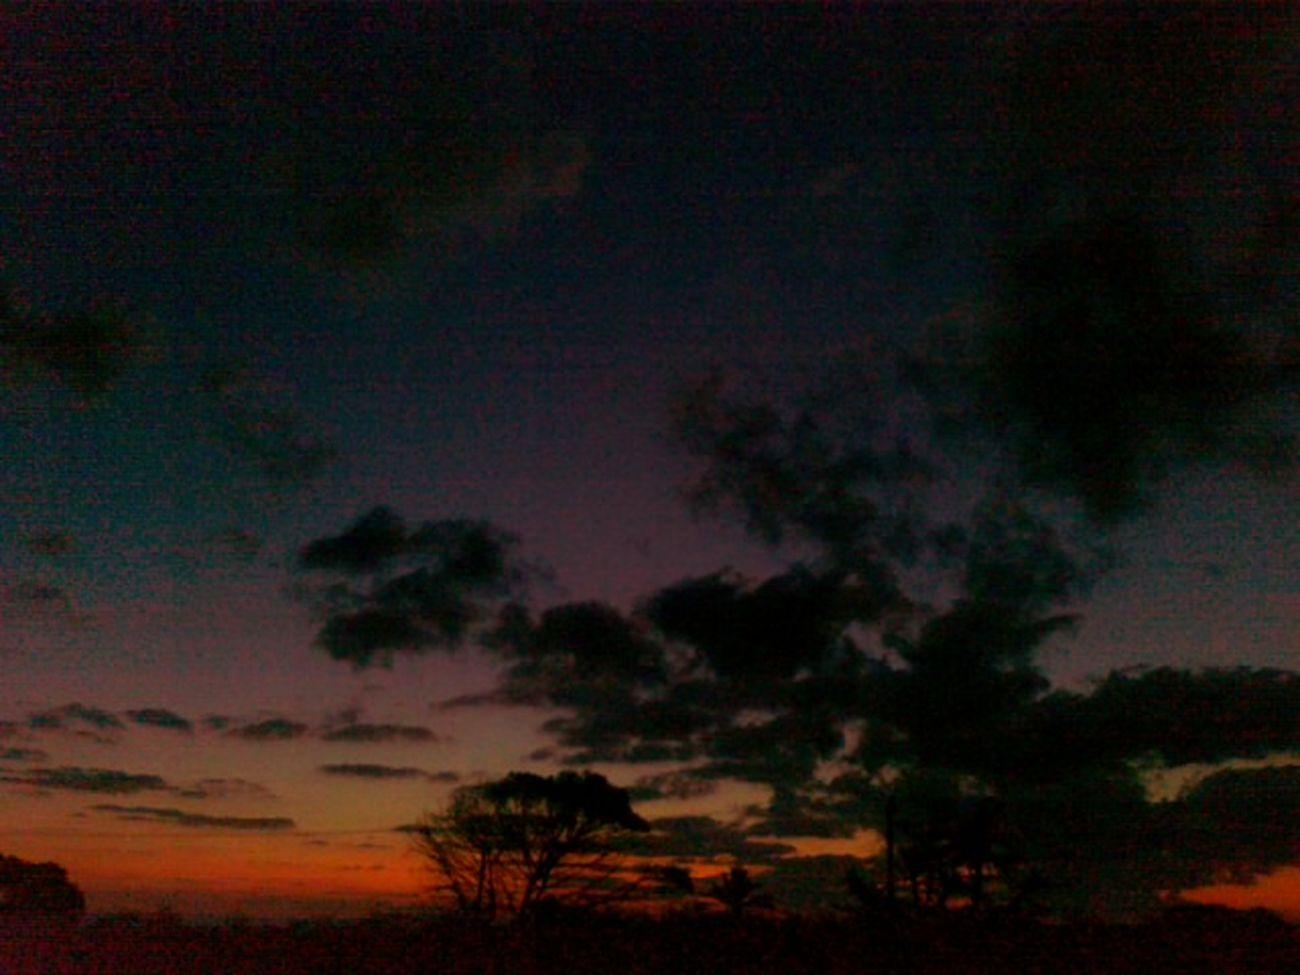 Morning Sky Twilight in AzzawyaLibya